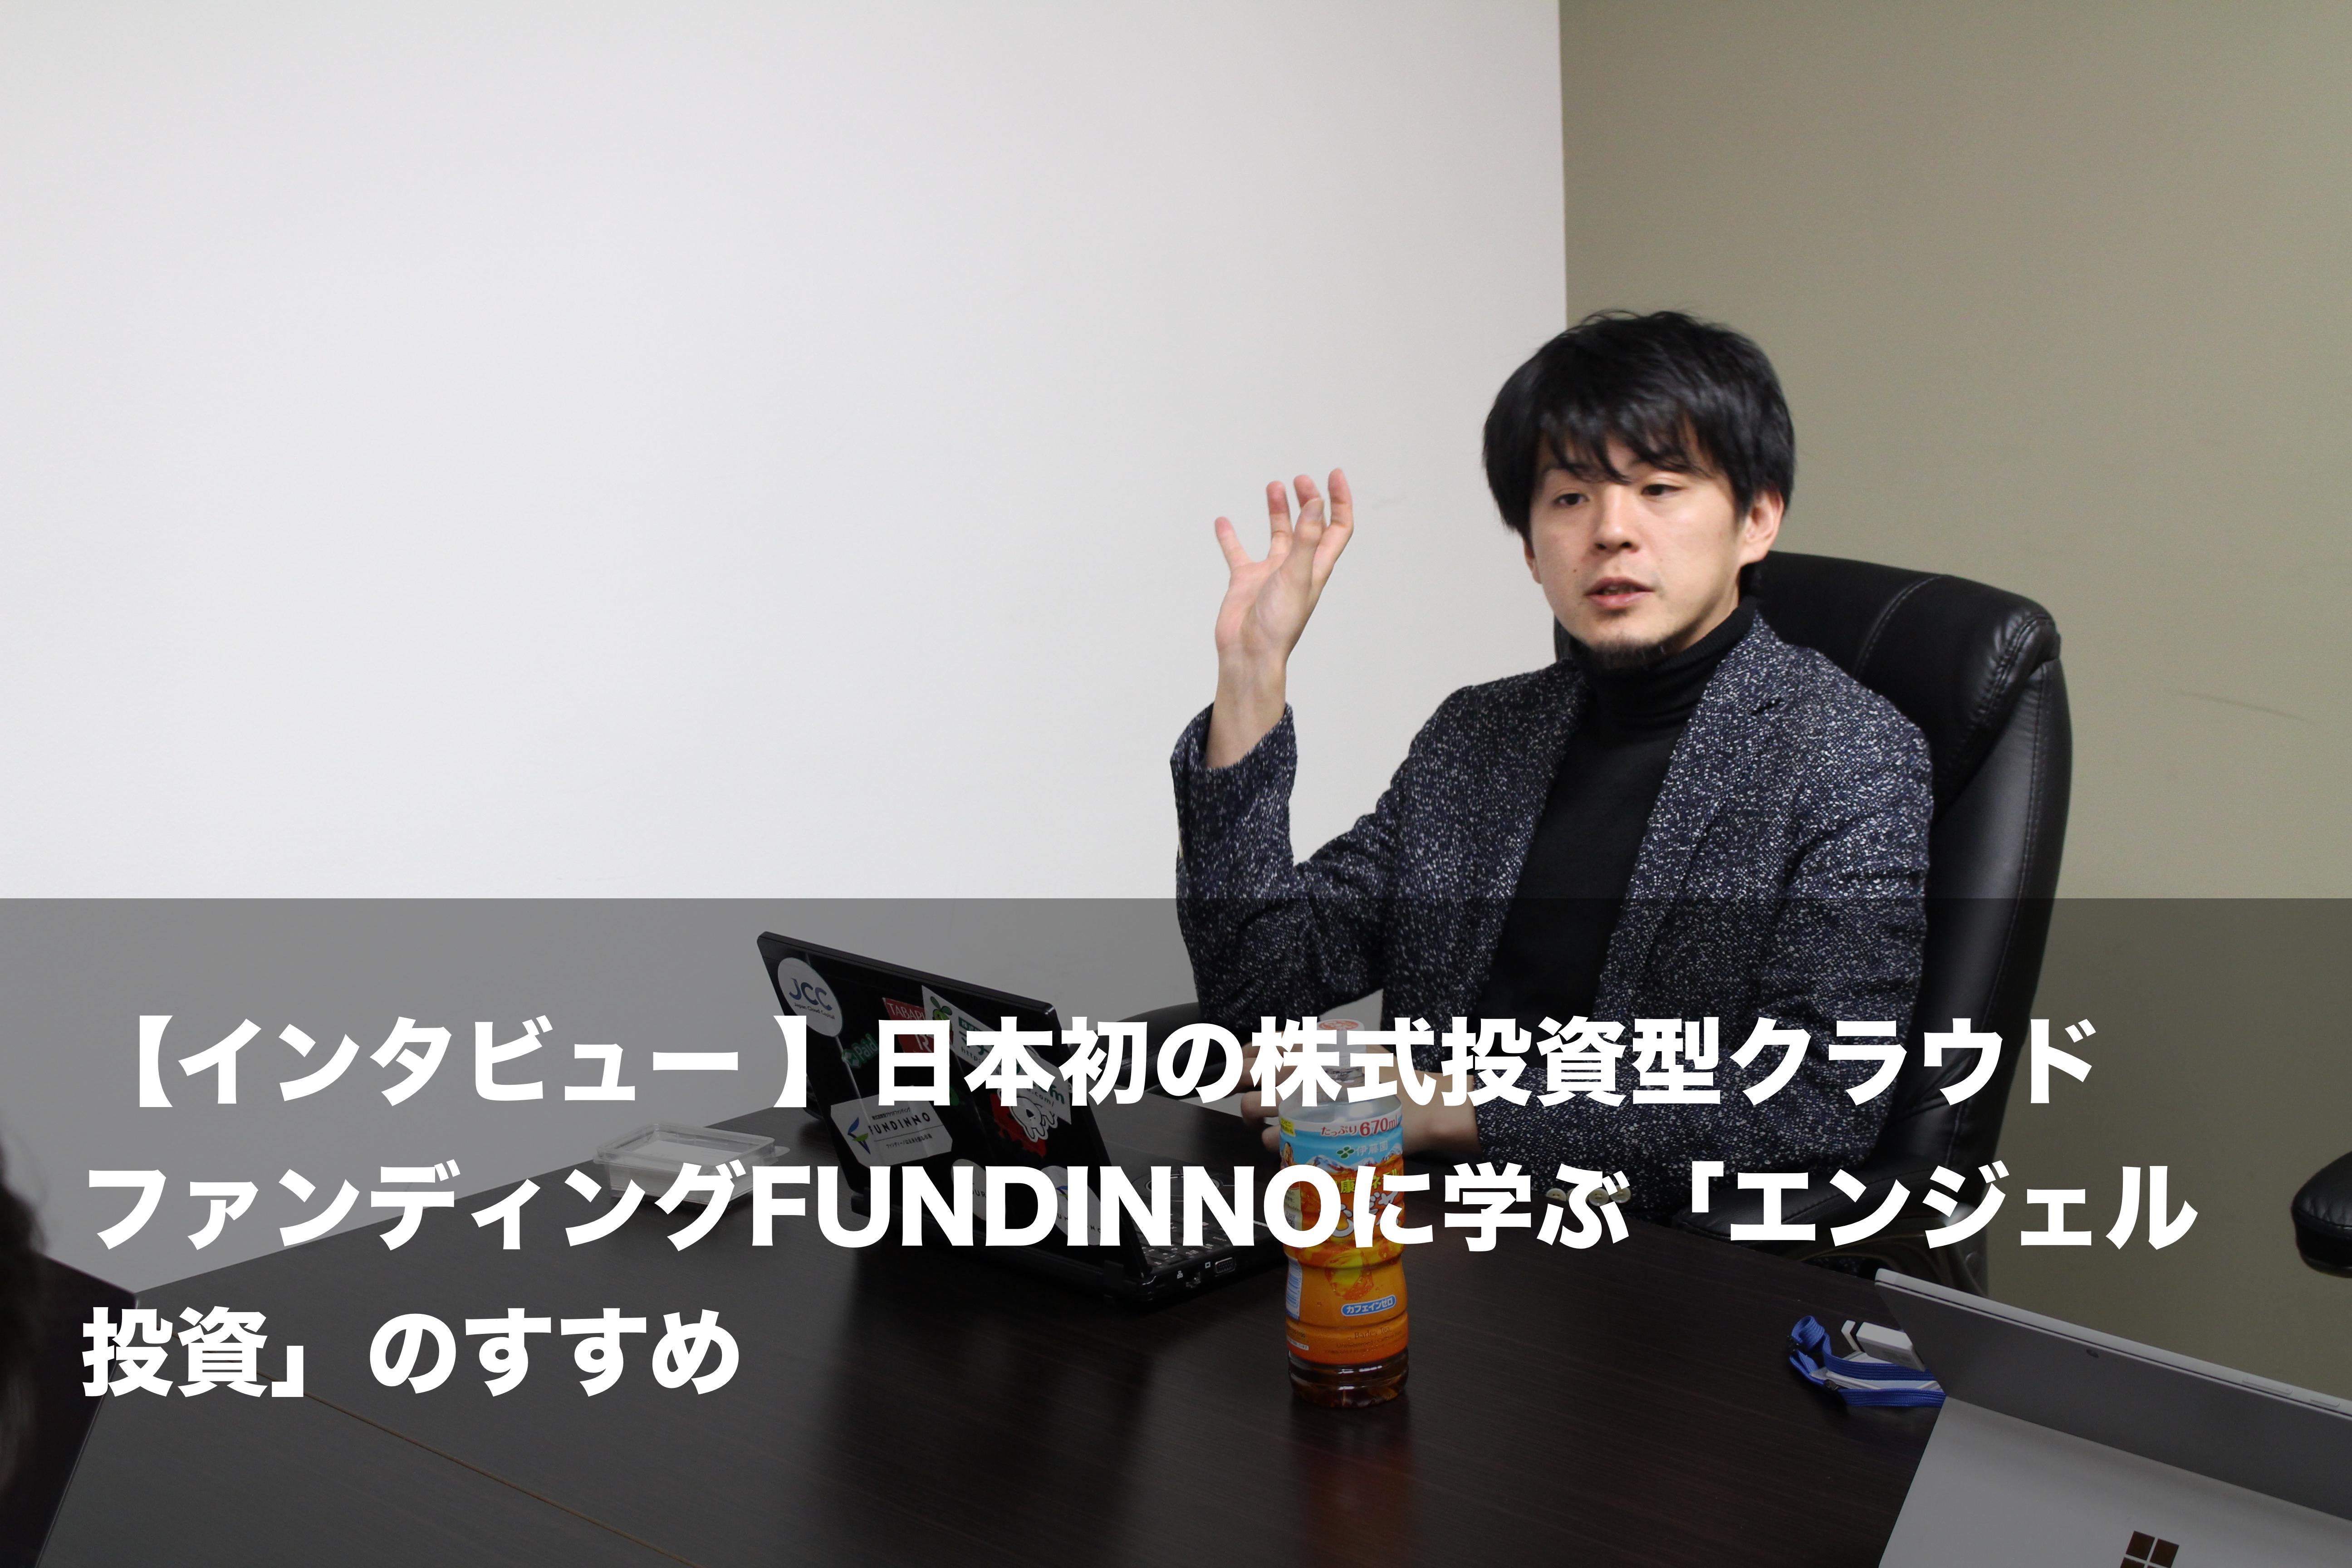 fundinno-interview